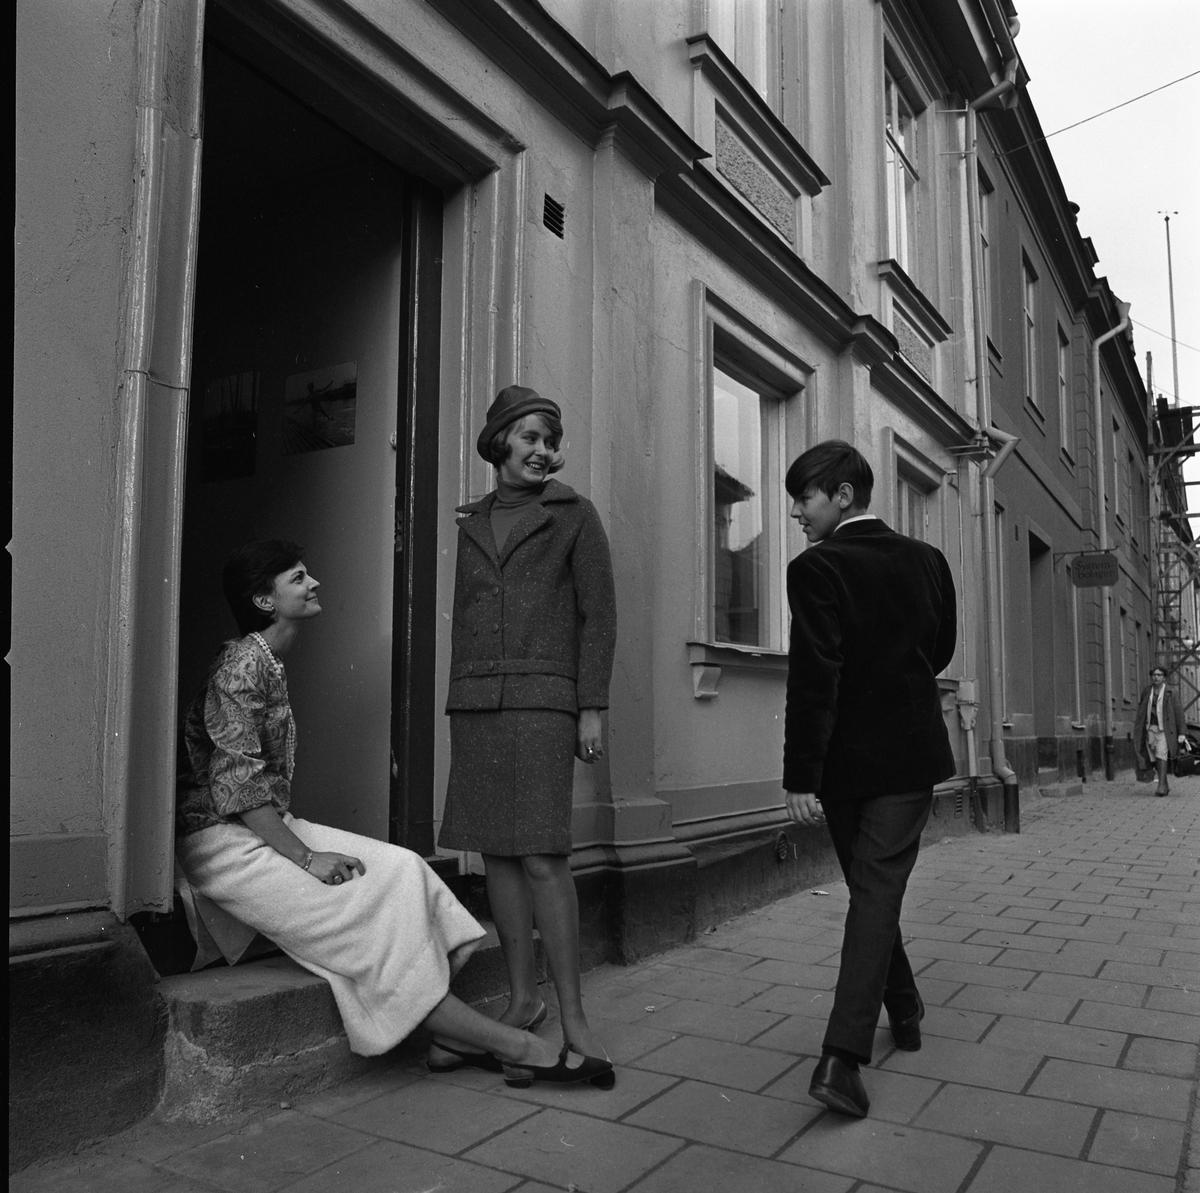 Ateljé Touché. Marianne Rosenkvist (sittande) och Britt-Marie Utterström (stående). Den unge mannen som går förbi är oidentifierad. Mode. Marianne är klädd i blus och kjol, Britt-Marie bär en dräkt och den unge mannen har en kavaj. Britt-Marie och Marianne drev ateljén tillsammans.